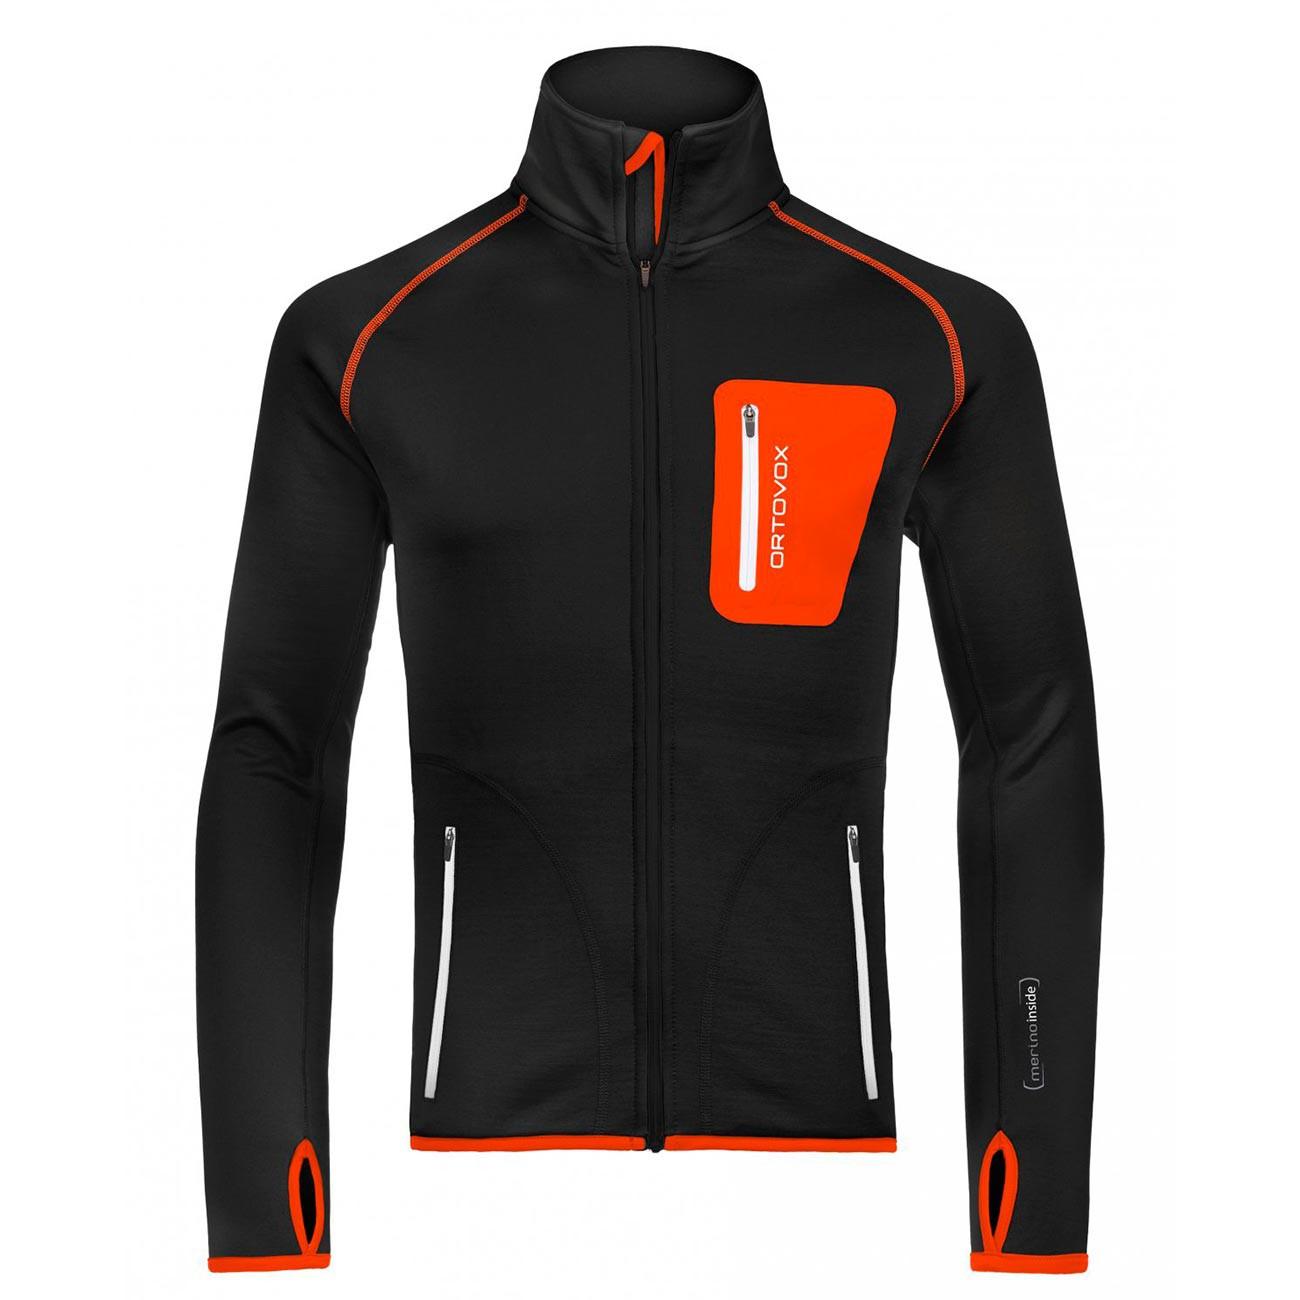 Ortovox Fleece Jacket black raven vel.M 16/17 + doručení do 24 hodin